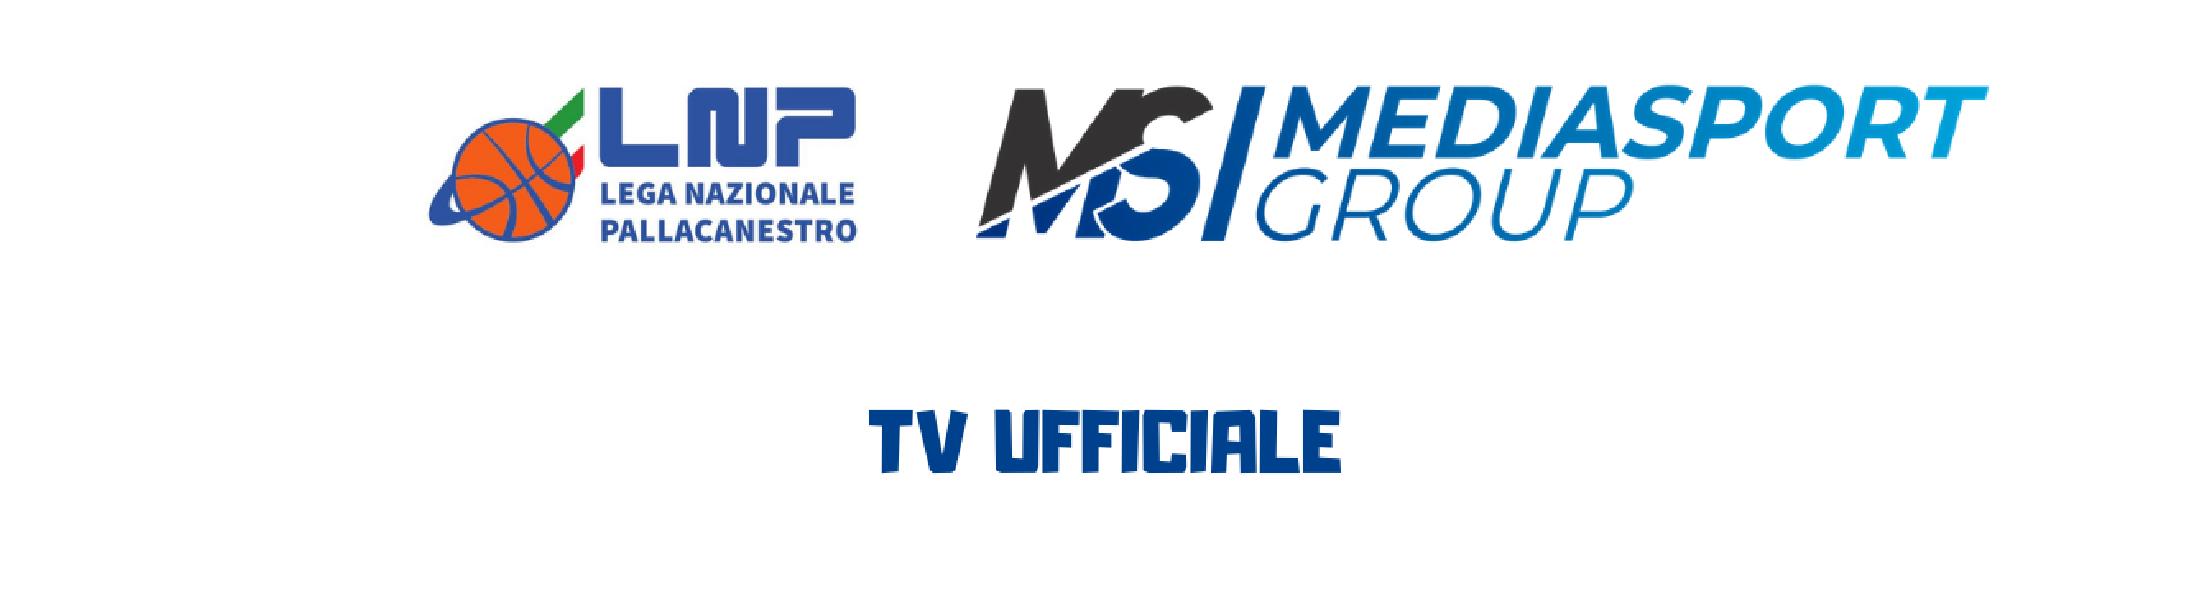 https://www.basketmarche.it/immagini_articoli/18-11-2020/ufficiale-serie-canali-mediasport-group-parte-domenica-forl-ferrara-600.png